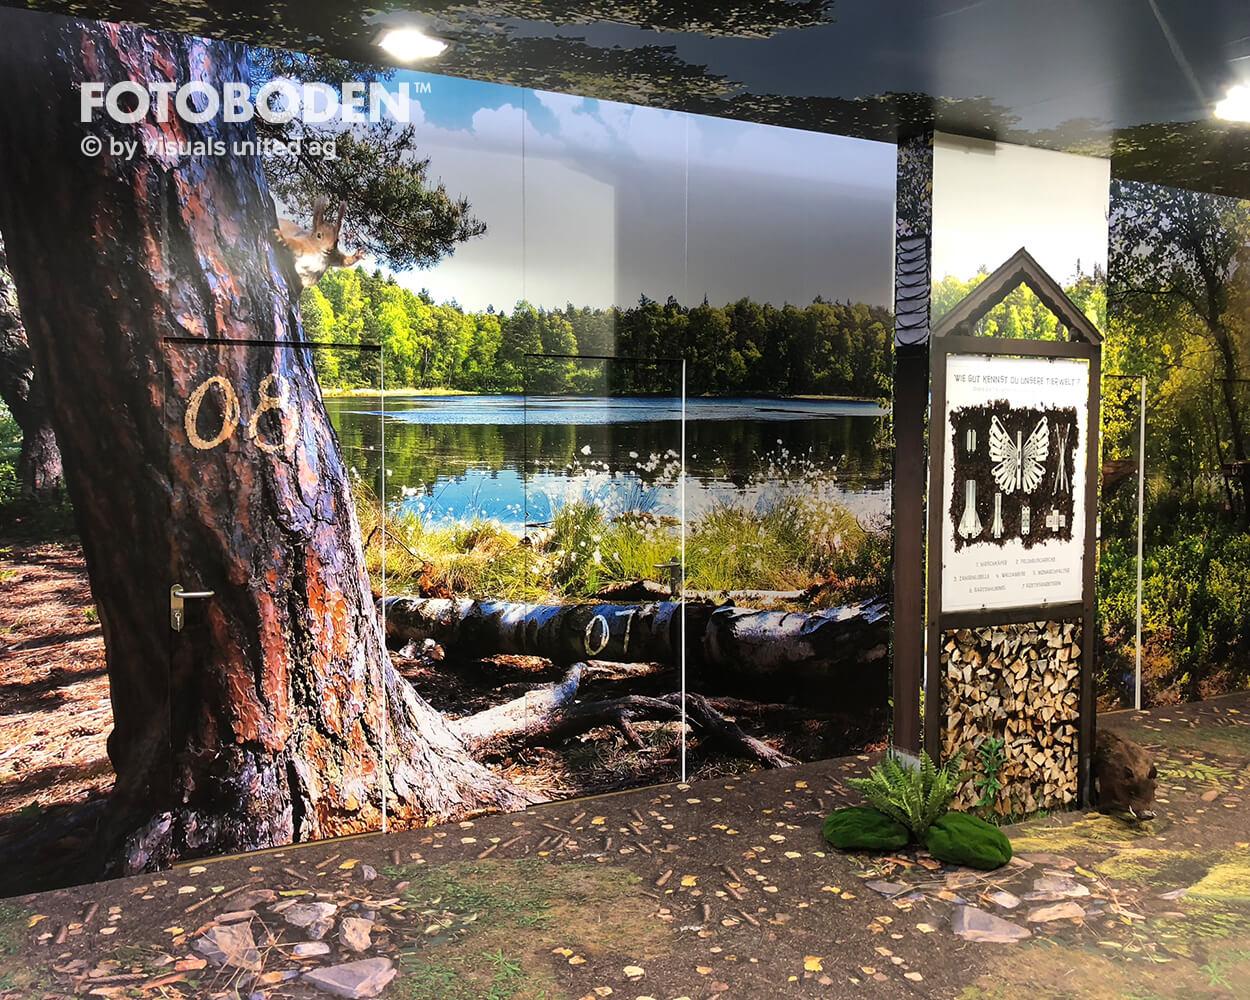 Fotoboden Siegenia Fotoboden Messeboden Tradeshow Flooring Bodengestaltung Messe Bodendesign Messedesign Design Boden Messegestaltung 1